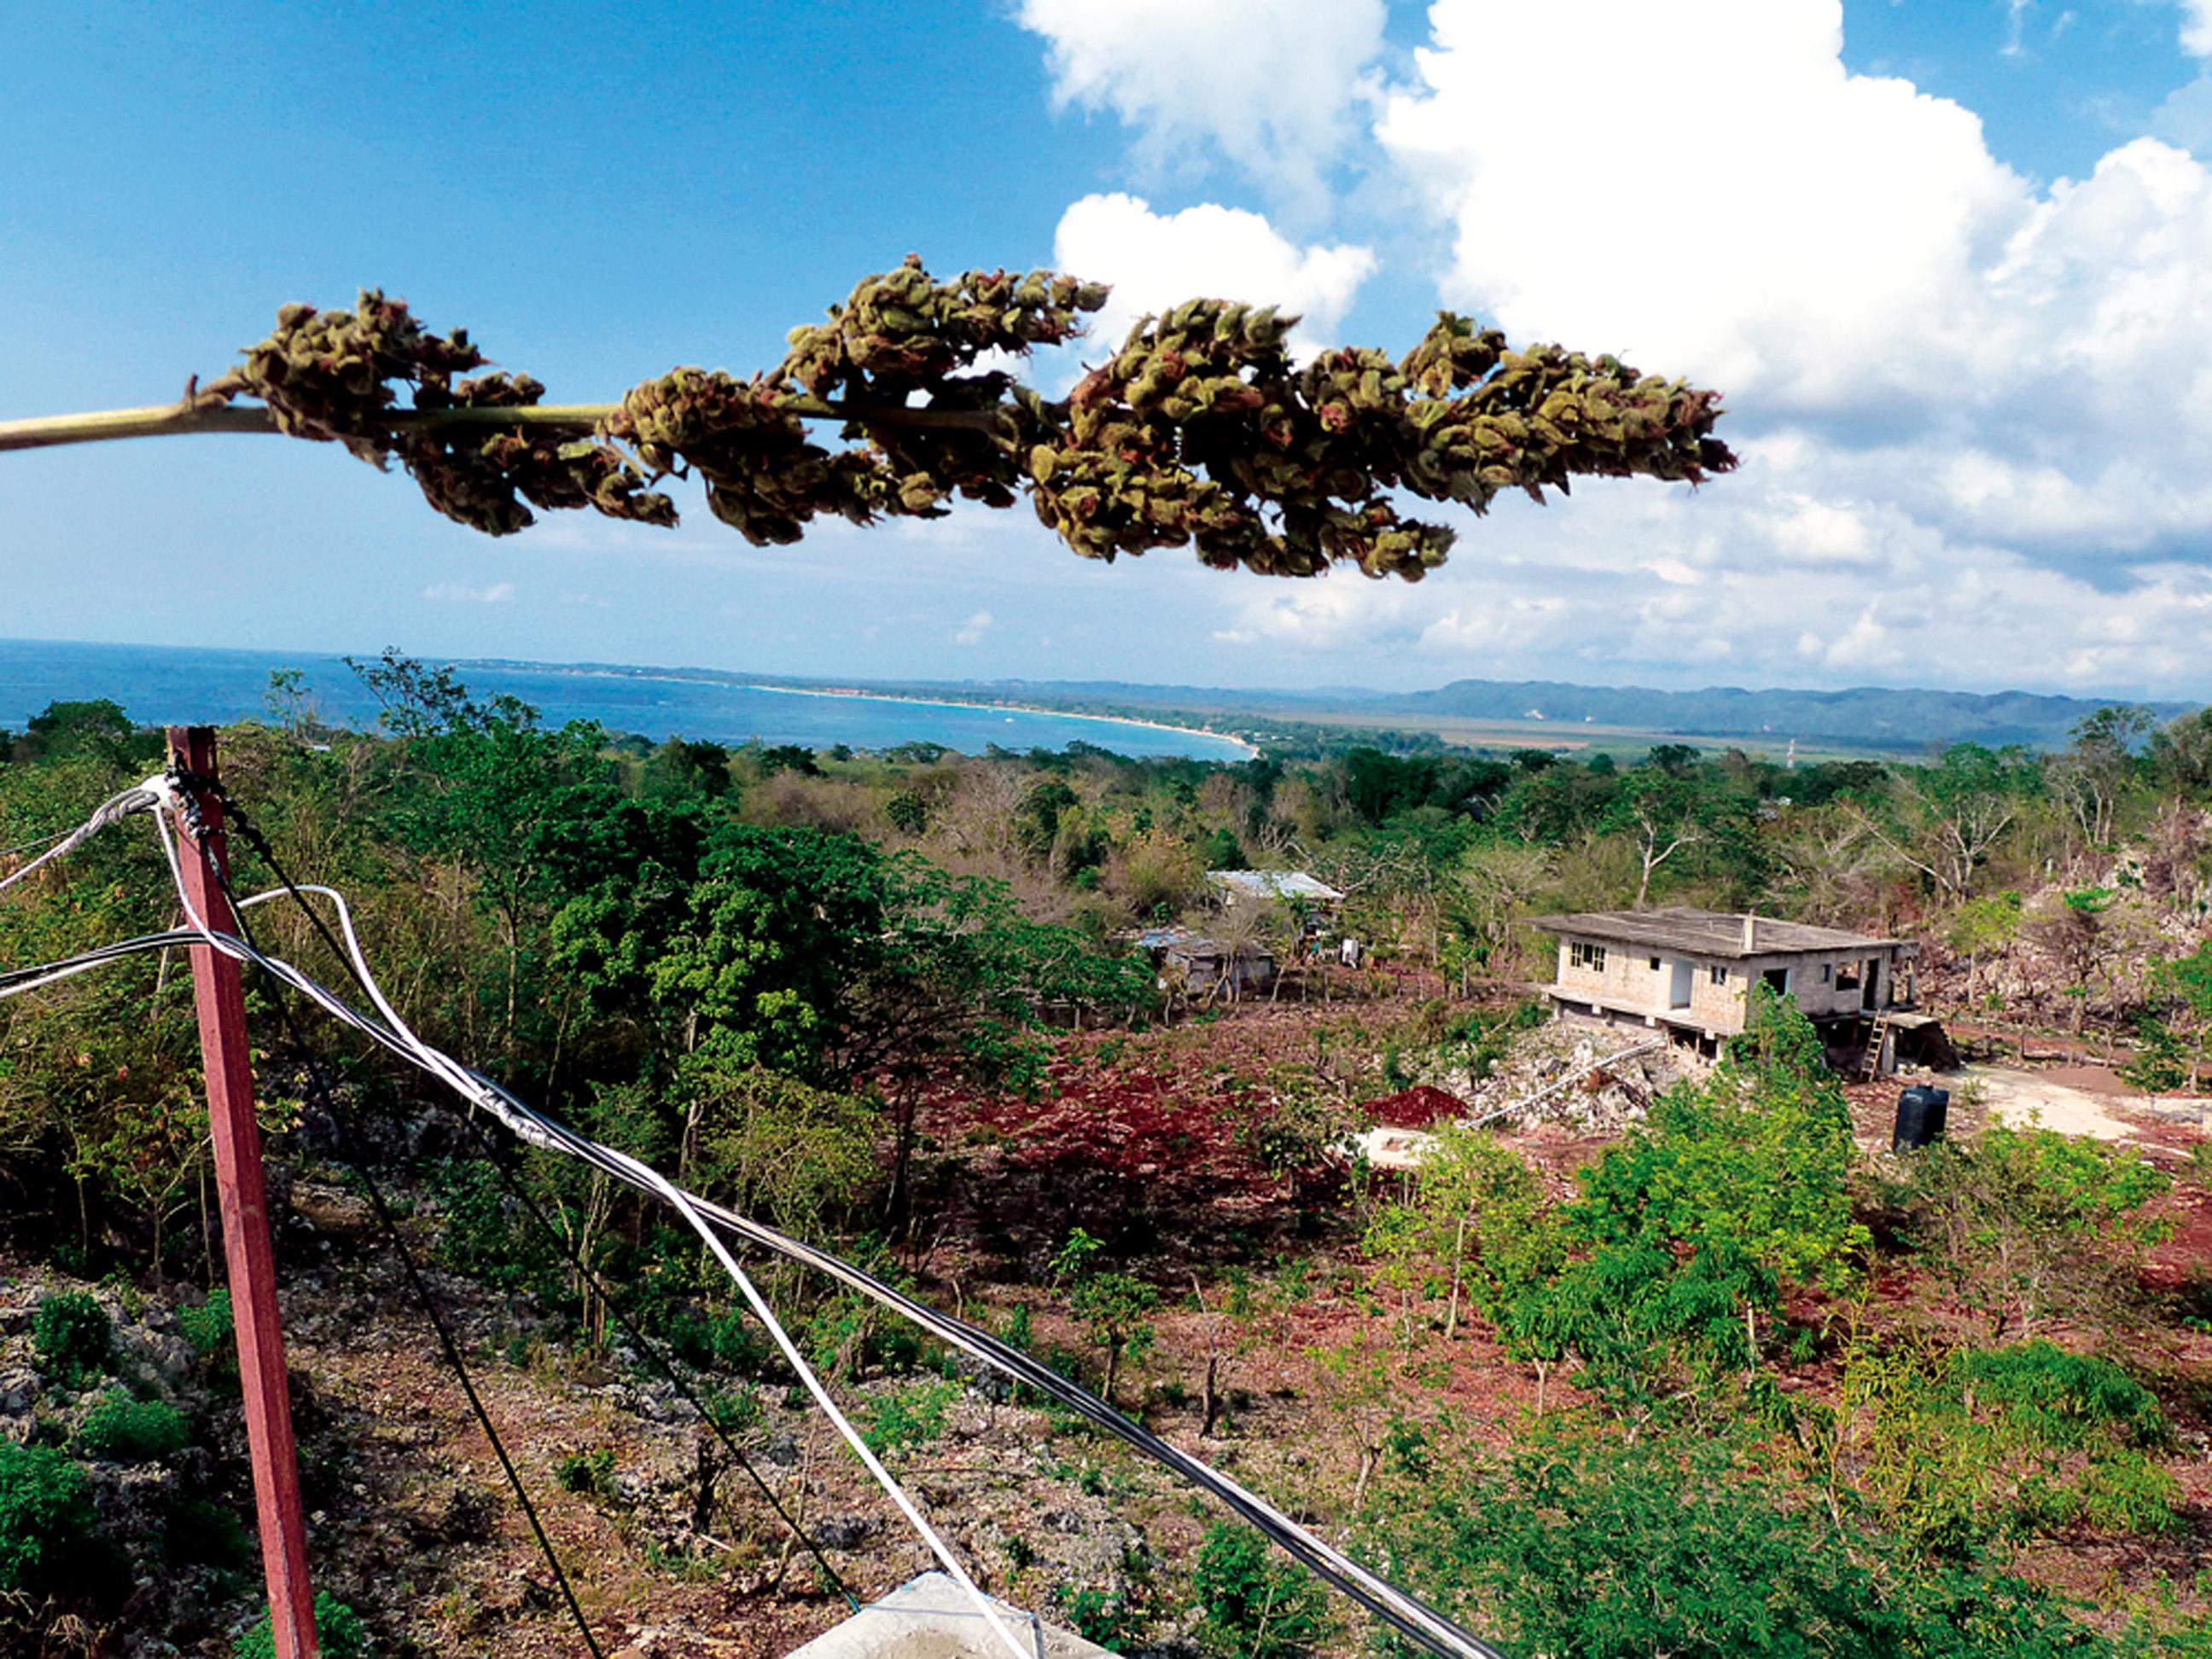 """NEGRIL: A praia mais bonita de West Moreland, na Jamaica, é conhecida por ficar na região onde cresce """"a mais forte e saborosa maconha jamaicana"""", nas palavras dos rastafáris da ilha. Apesar de não ser legalizado, o consumo de cannabis em todo o país é bastante tolerado"""